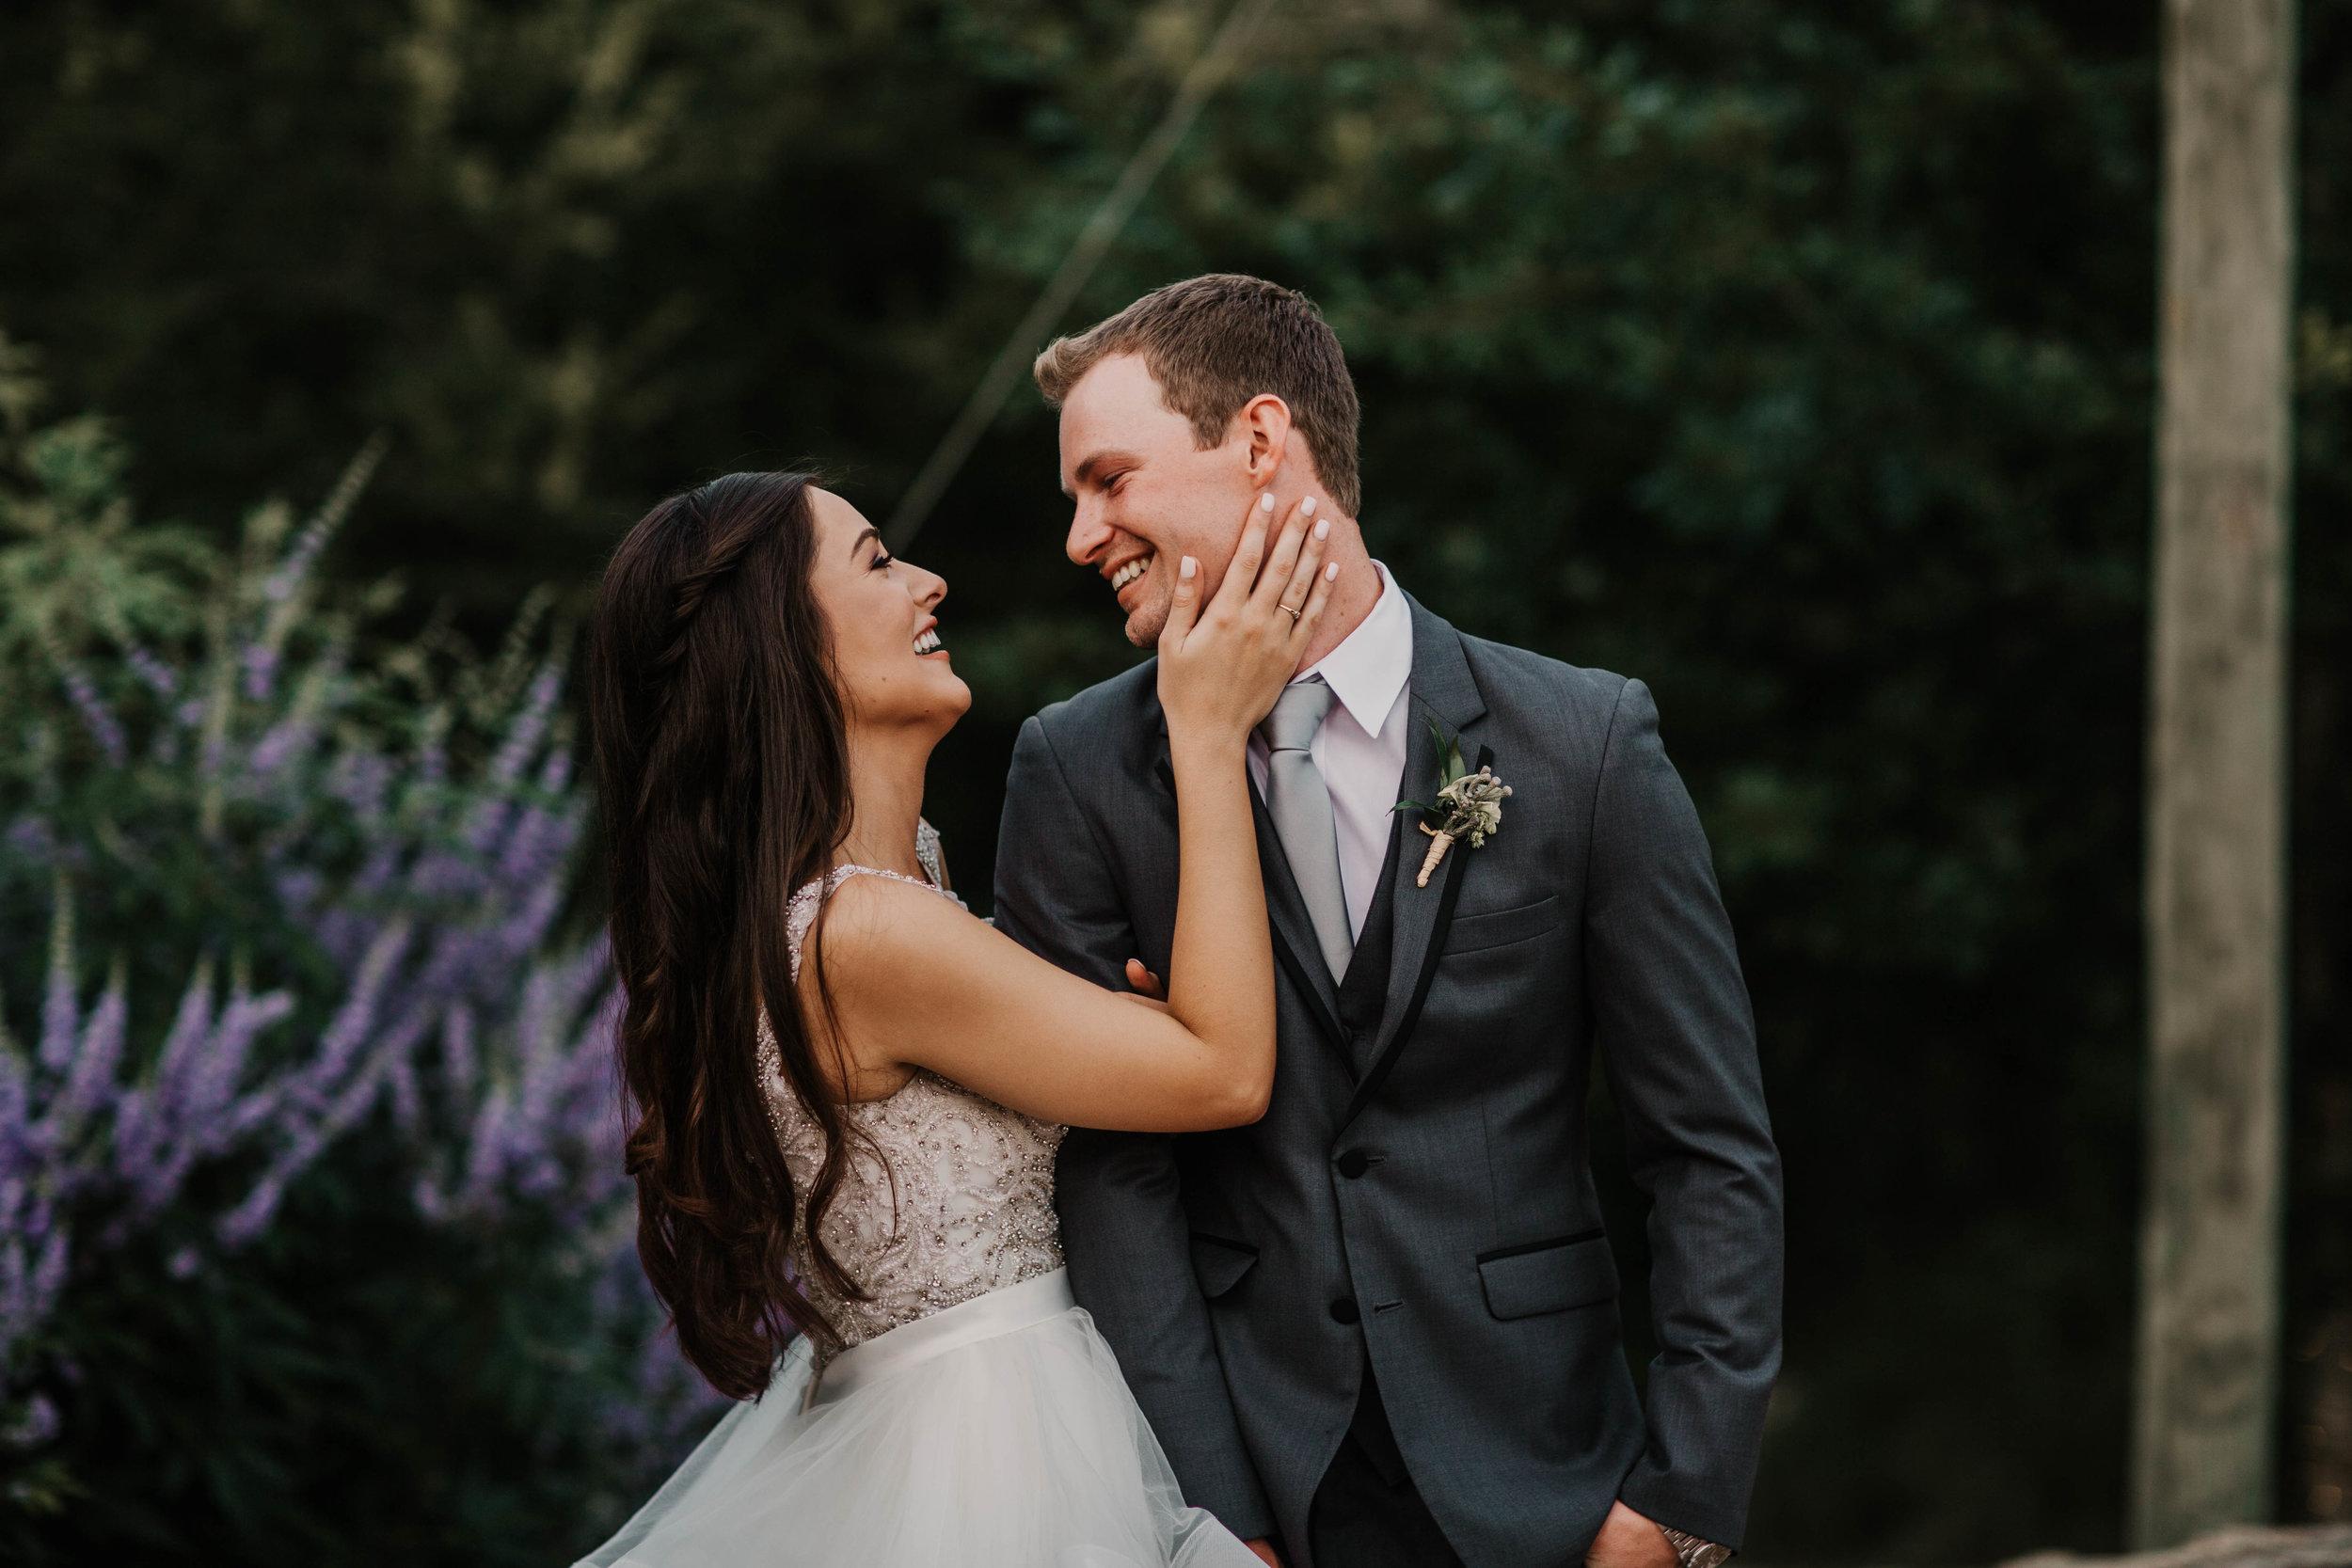 alyssa_taylor_big_sky_barn_wedding-50.jpg